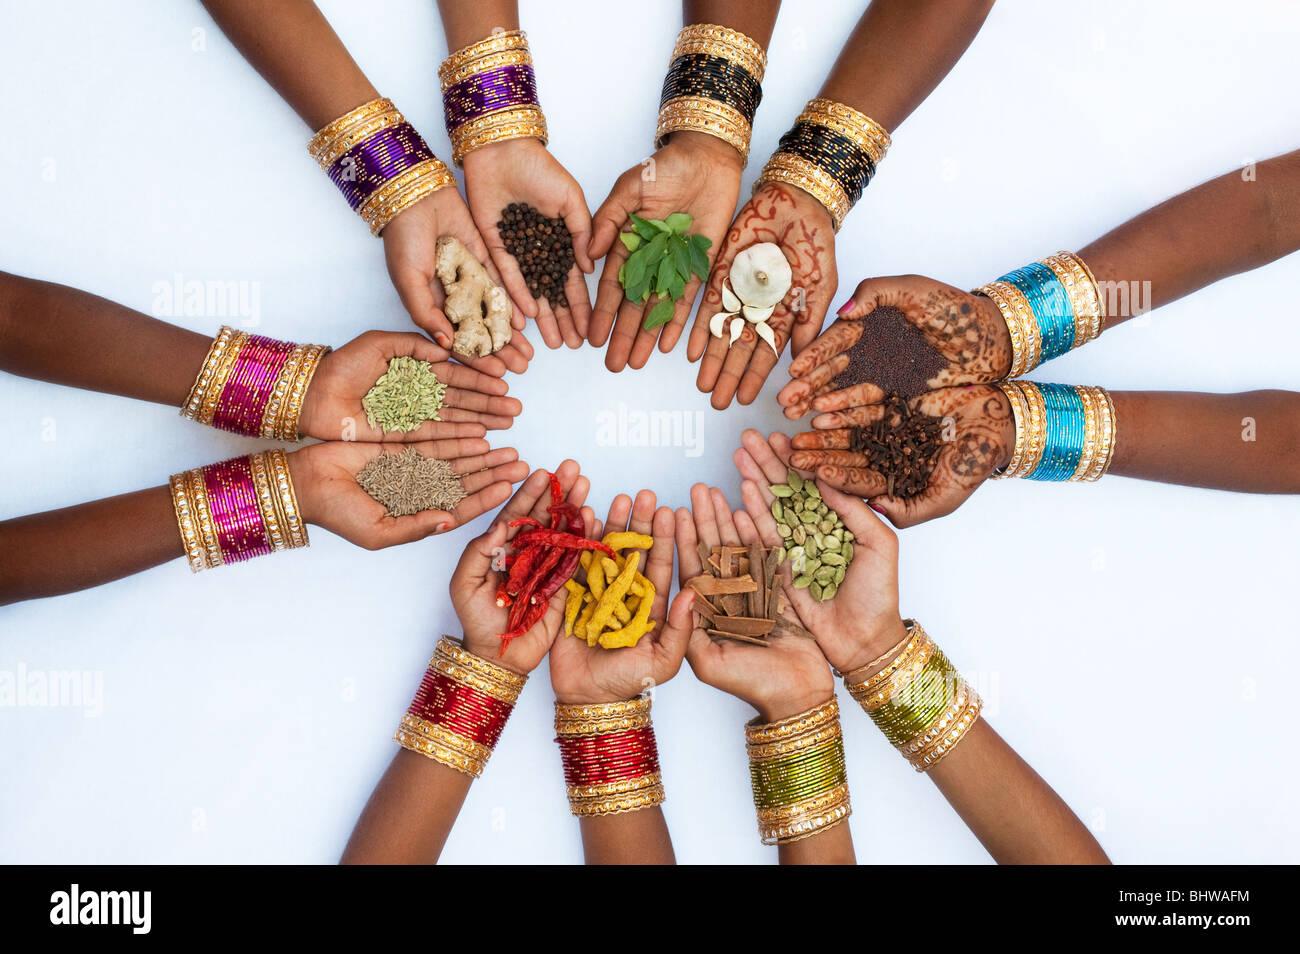 Indische Kinderhände halten verschiedene indische Küche Gewürze auf weißem Hintergrund Stockbild